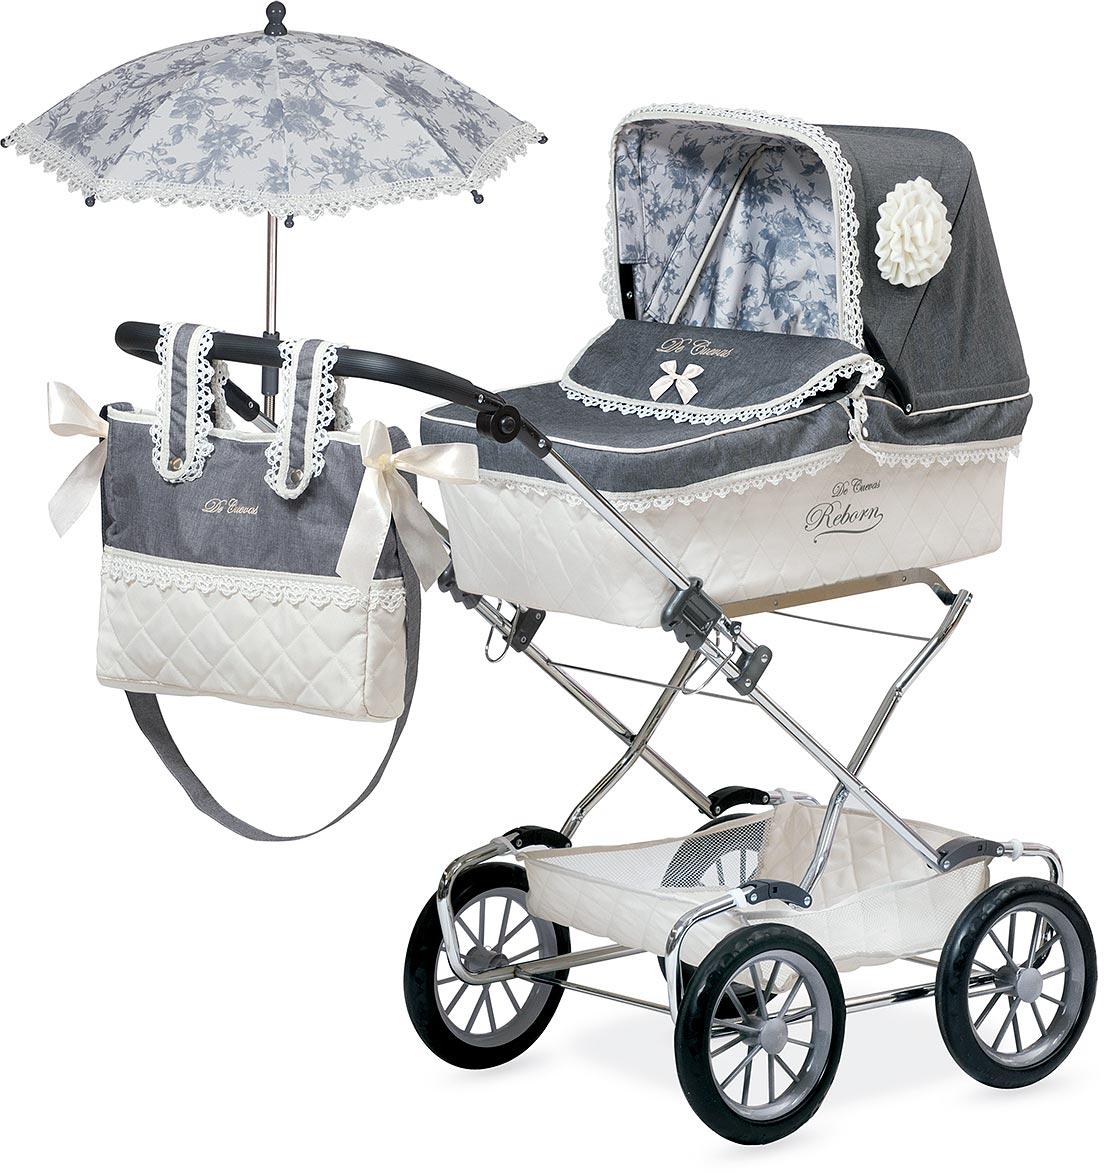 DeCuevas Коляска для куклы Реборн с сумкой и зонтиком 82000 decuevas коляска для куклы романтик с сумкой и зонтом цвет розовый 65 см